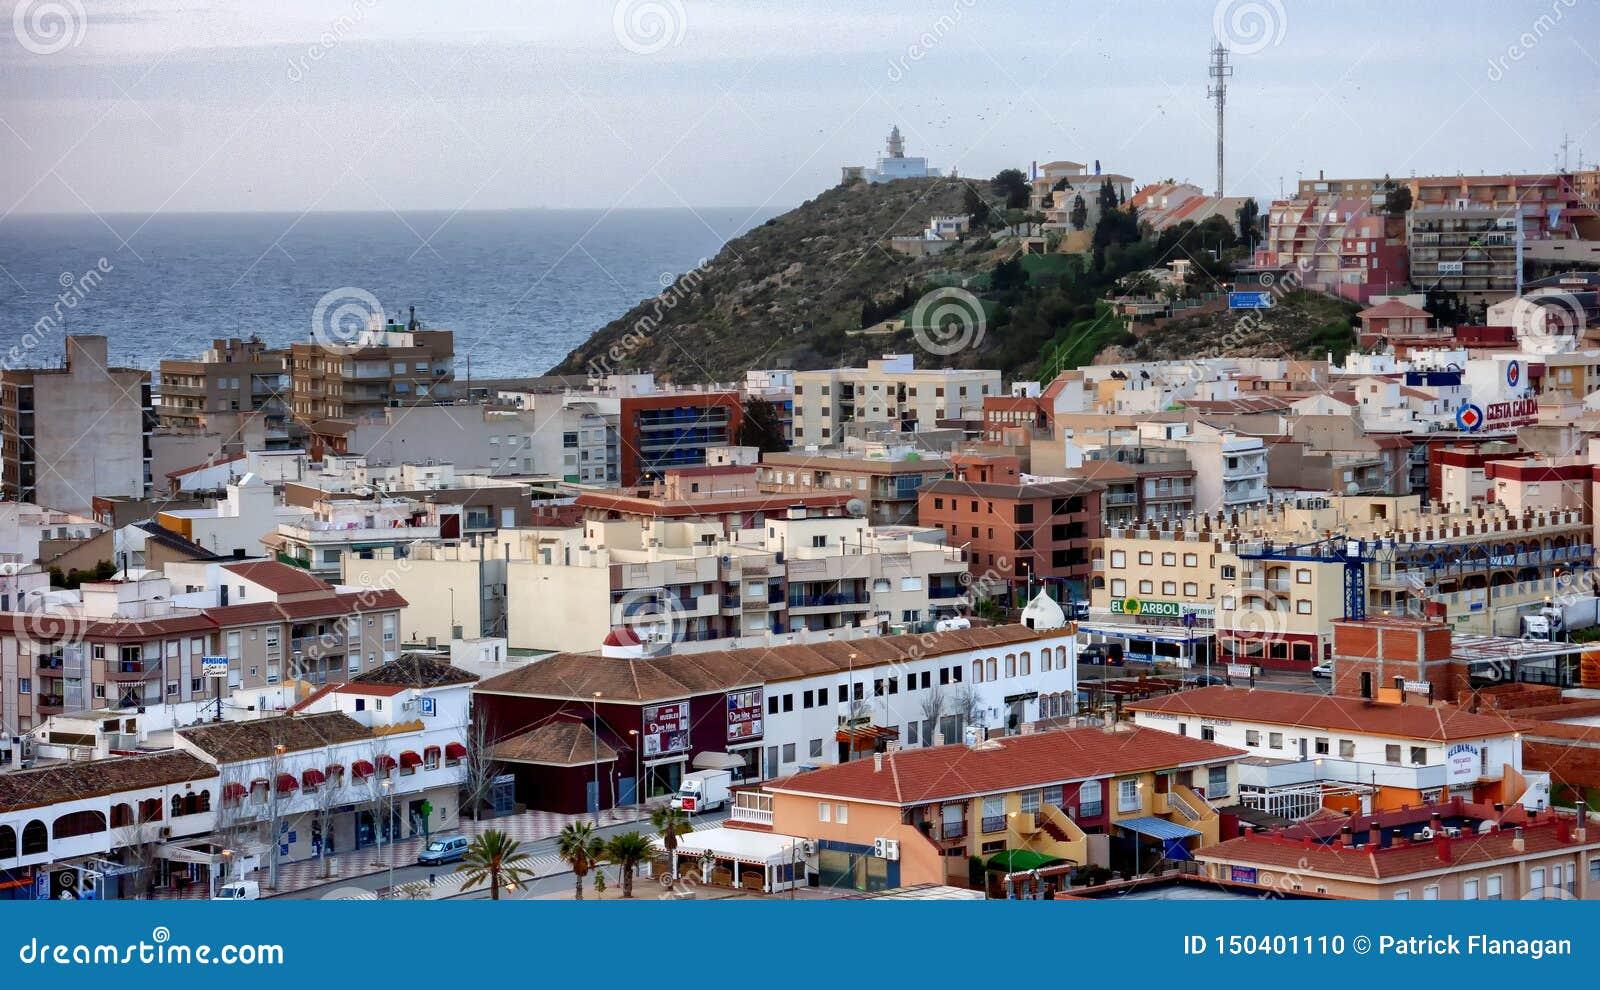 Opinião superior do telhado de uma cidade espanhola com o mar no fundo